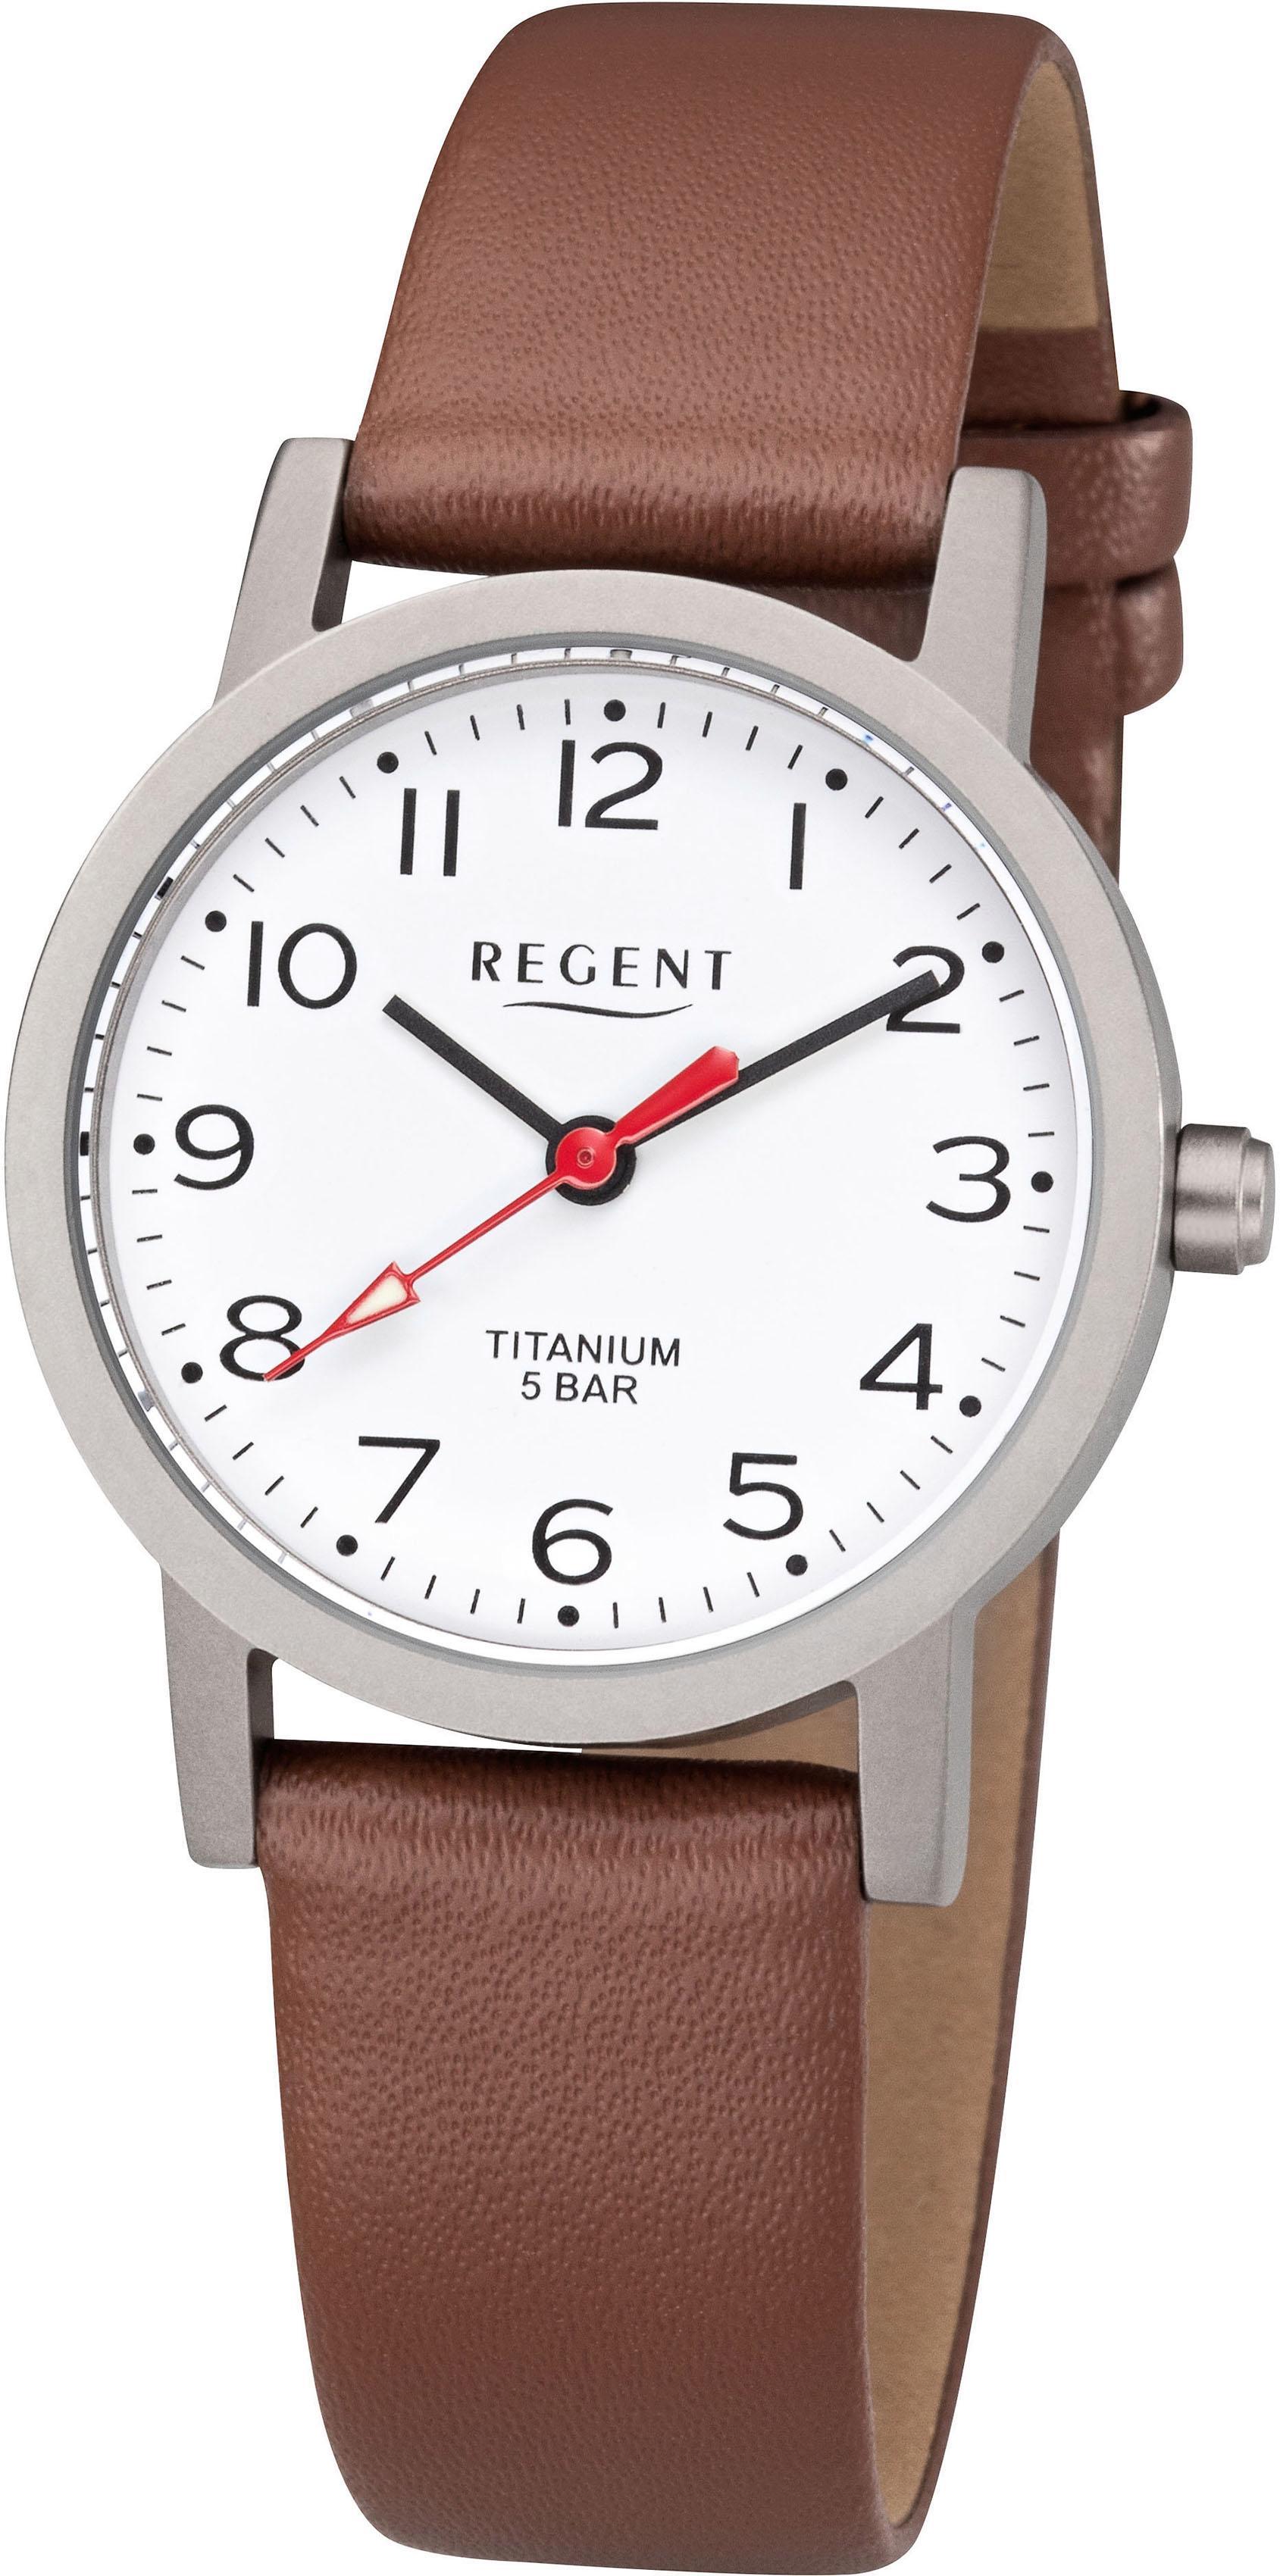 Regent Quarzuhr 69369039 F1213 | Uhren > Quarzuhren | Regent